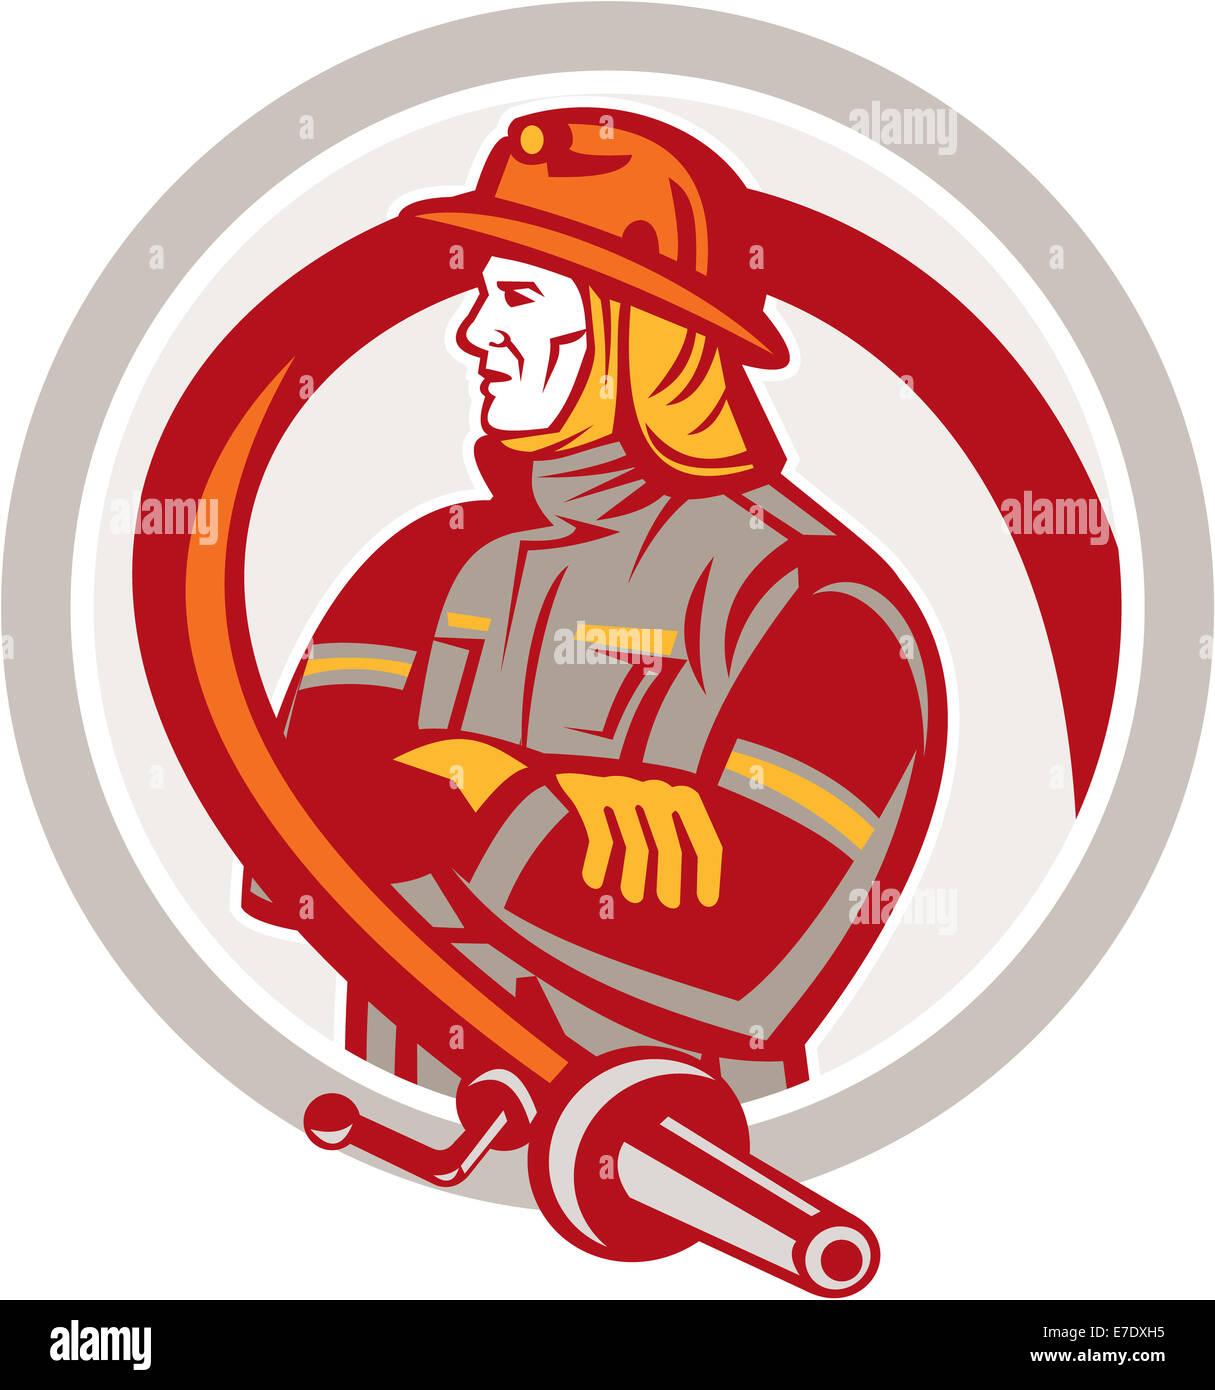 Beispiel für ein Feuerwehrmann Feuerwehrmann Notfall Arbeiter stehend Gelenkarme mit Feuerwehrschlauch gesehen Stockbild